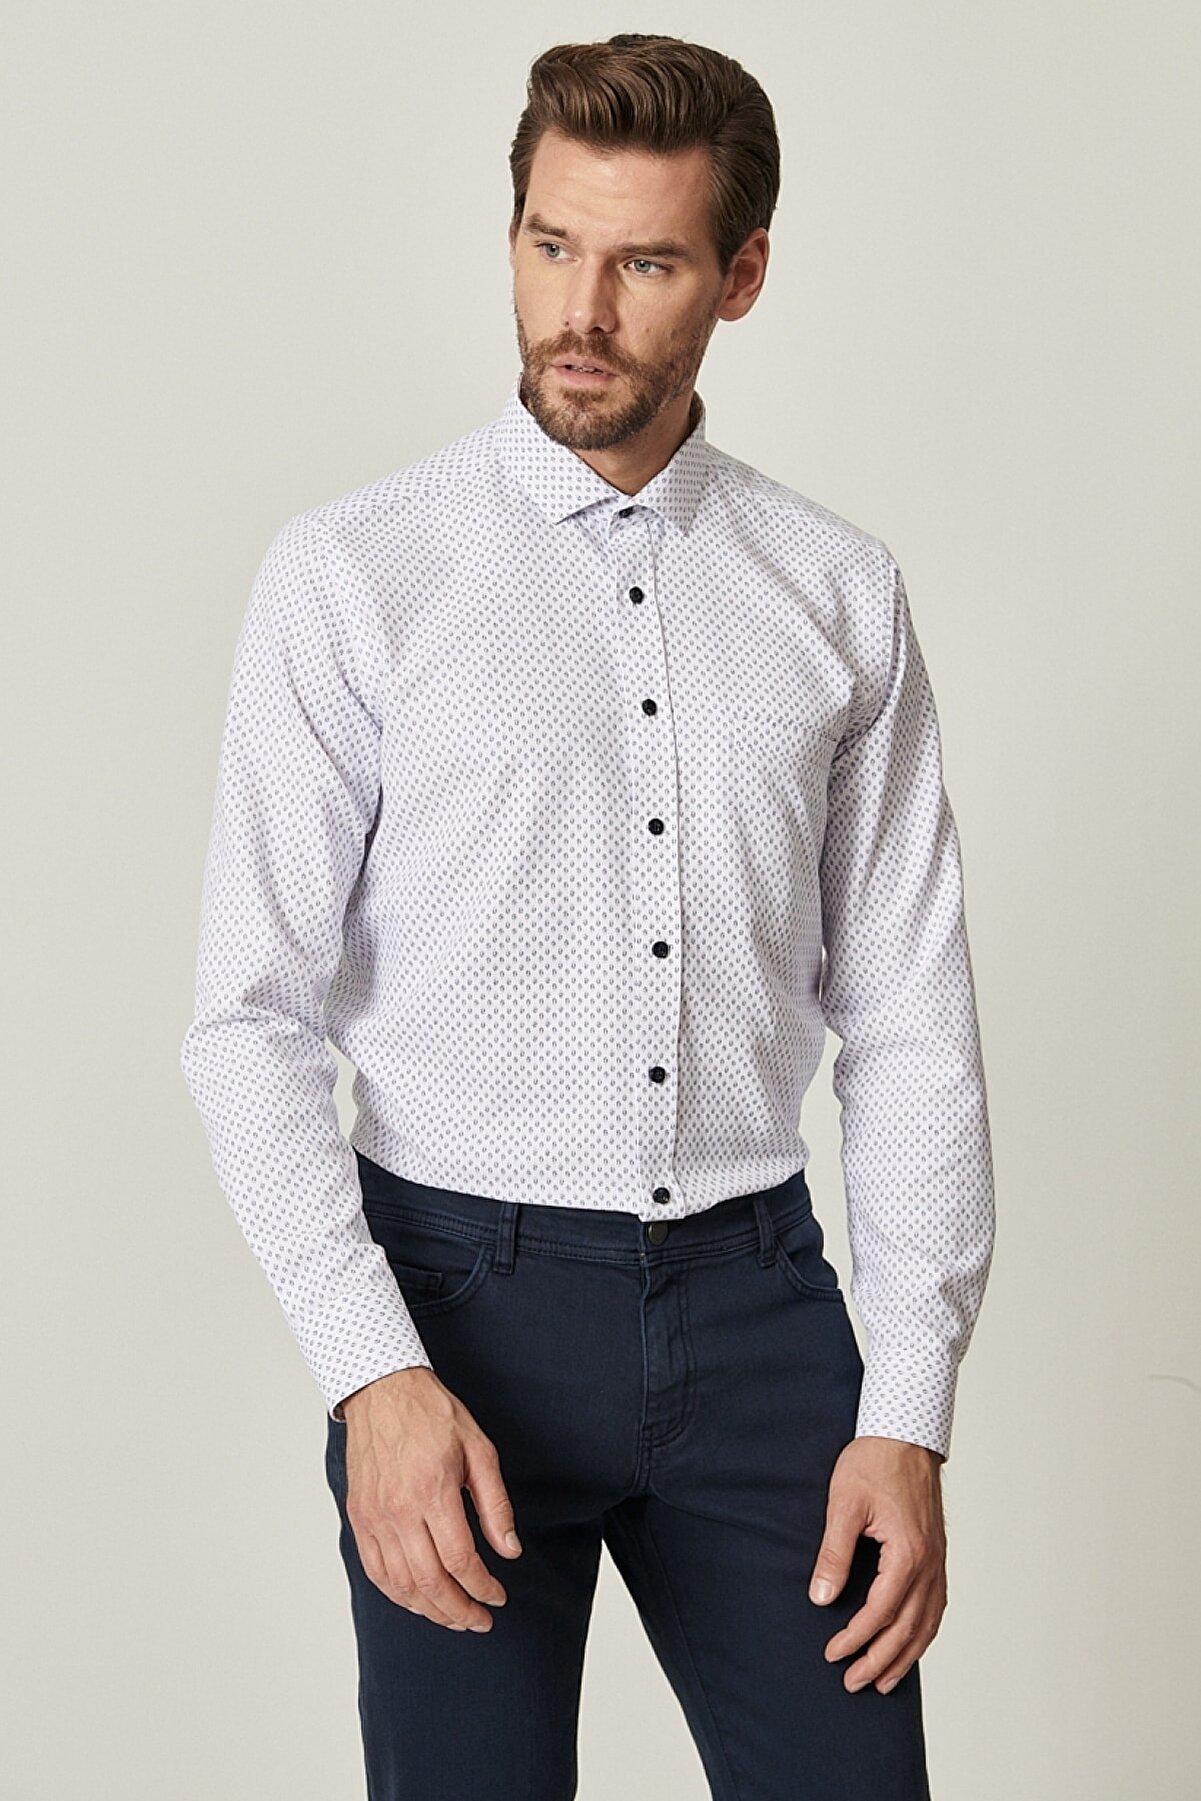 Altınyıldız Classics Erkek Beyaz-Lacivert Tailored Slim Fit Dar Kesim Küçük İtalyan Yaka Baskılı Gömlek